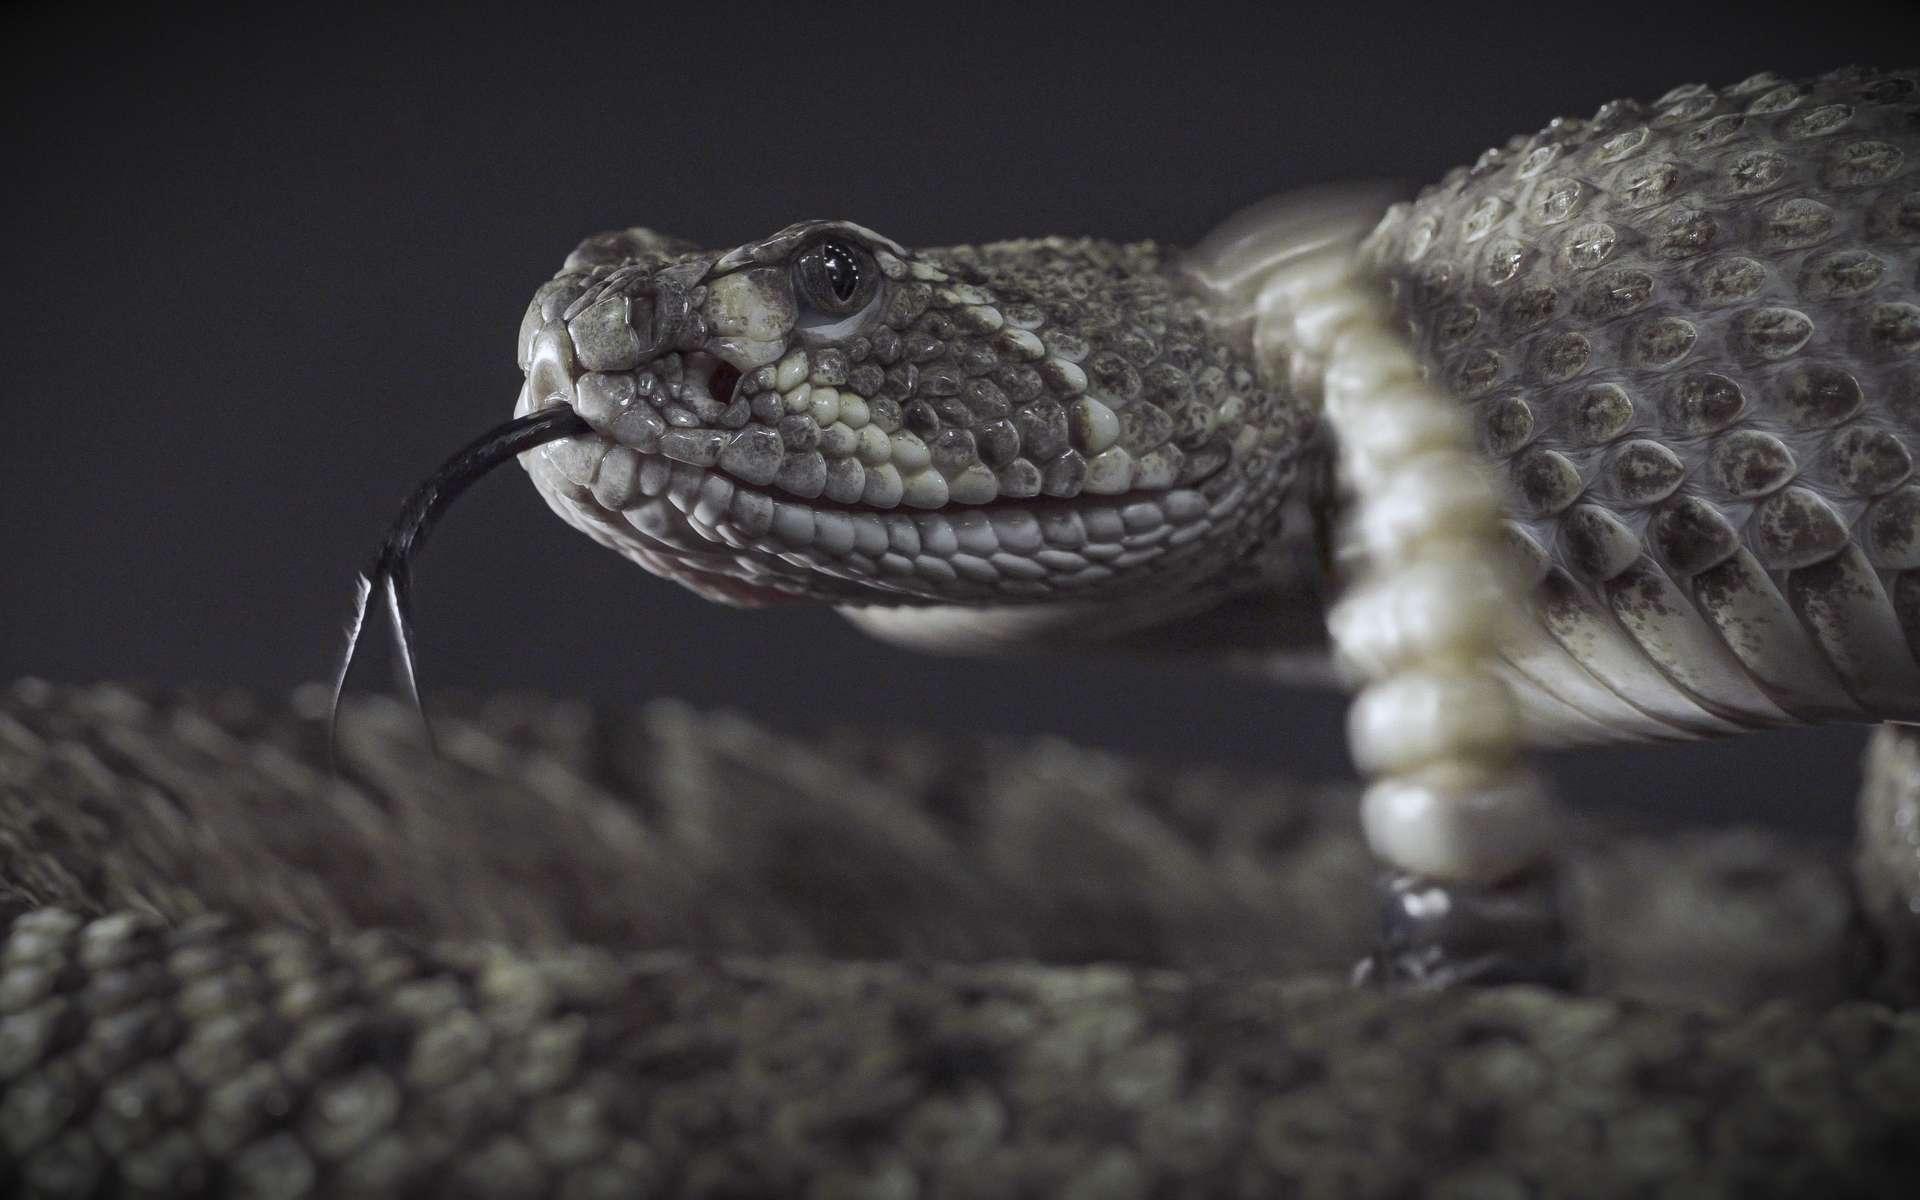 Les serpents à sonnette utilisent le bout de leur queue comme moyen de défense. © +NatureStock, Adobe Stock